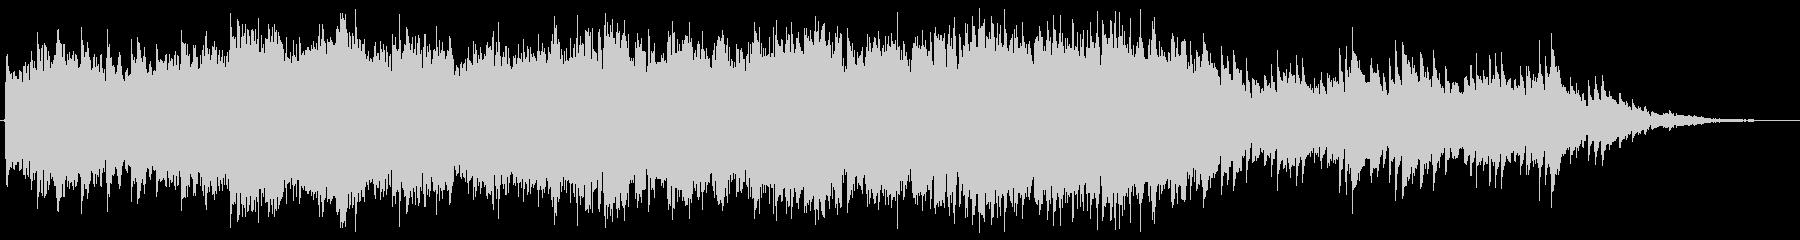 映像BGM(切ない、しっとり)の未再生の波形